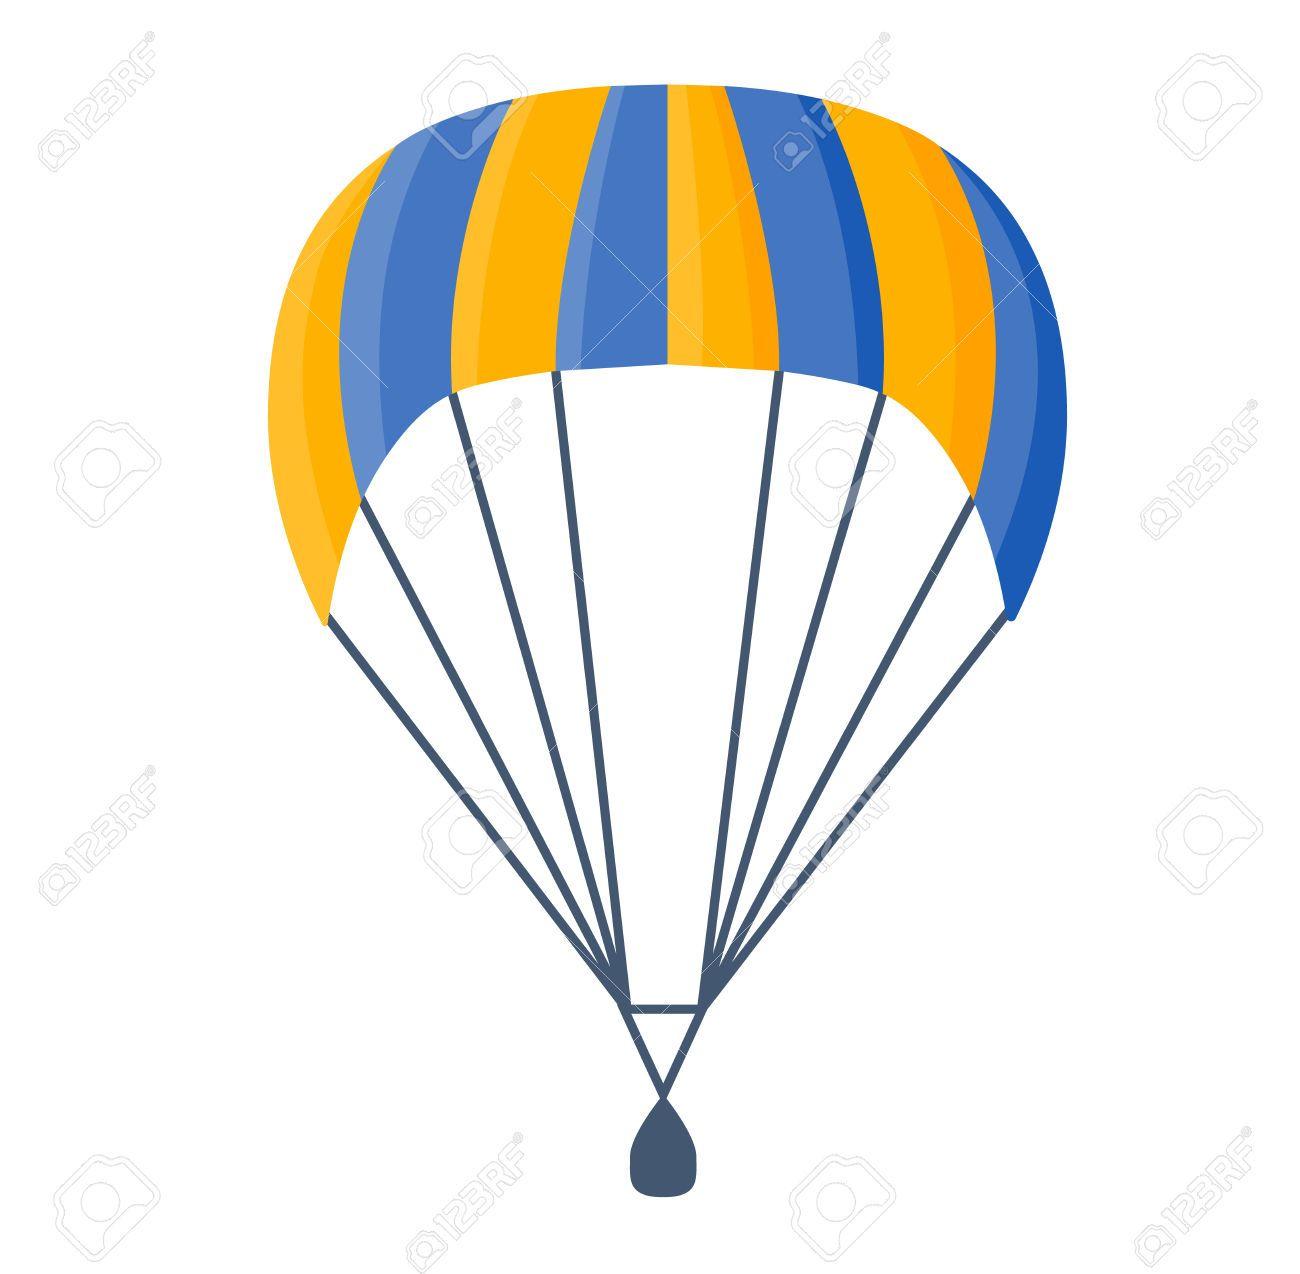 pin Parachute clipart cartoon #5.